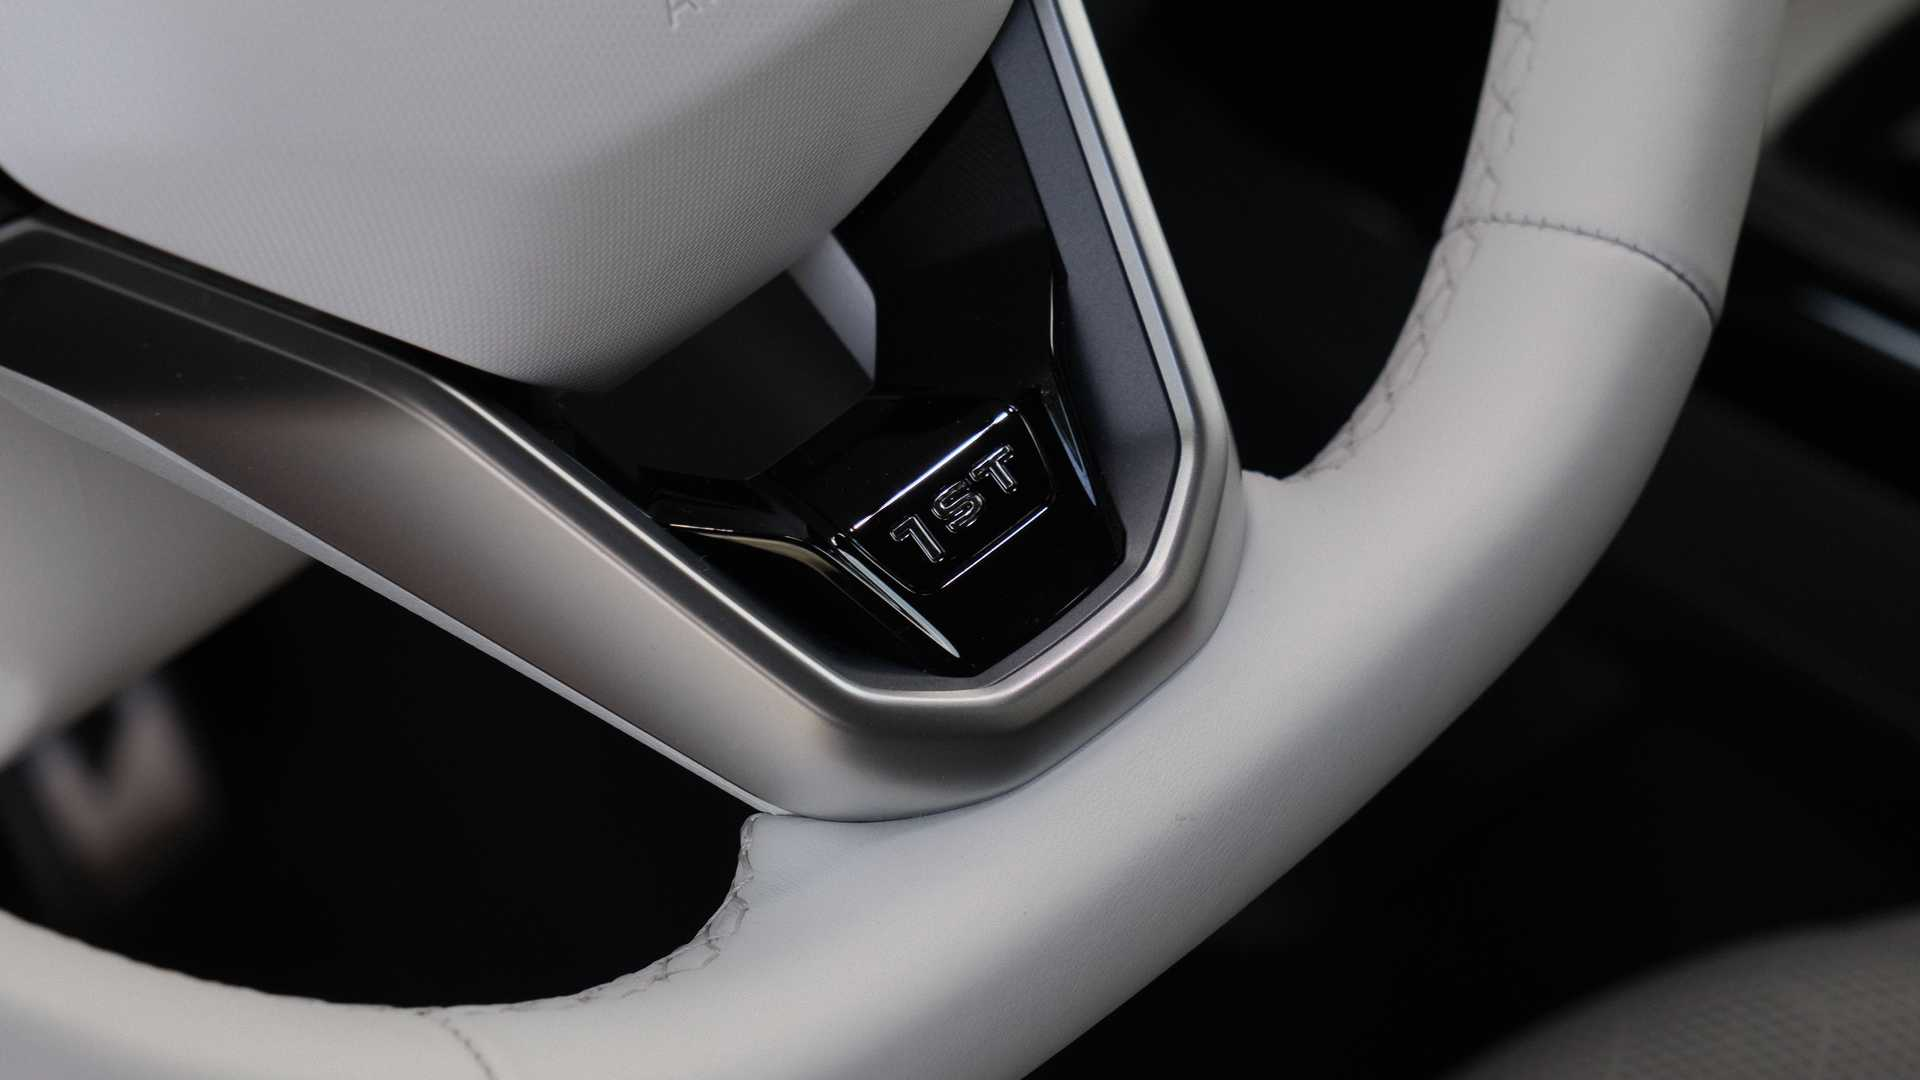 فولكس واجن آي دي. 4 الإصدارة الأول 2021 - عجلة القيادة